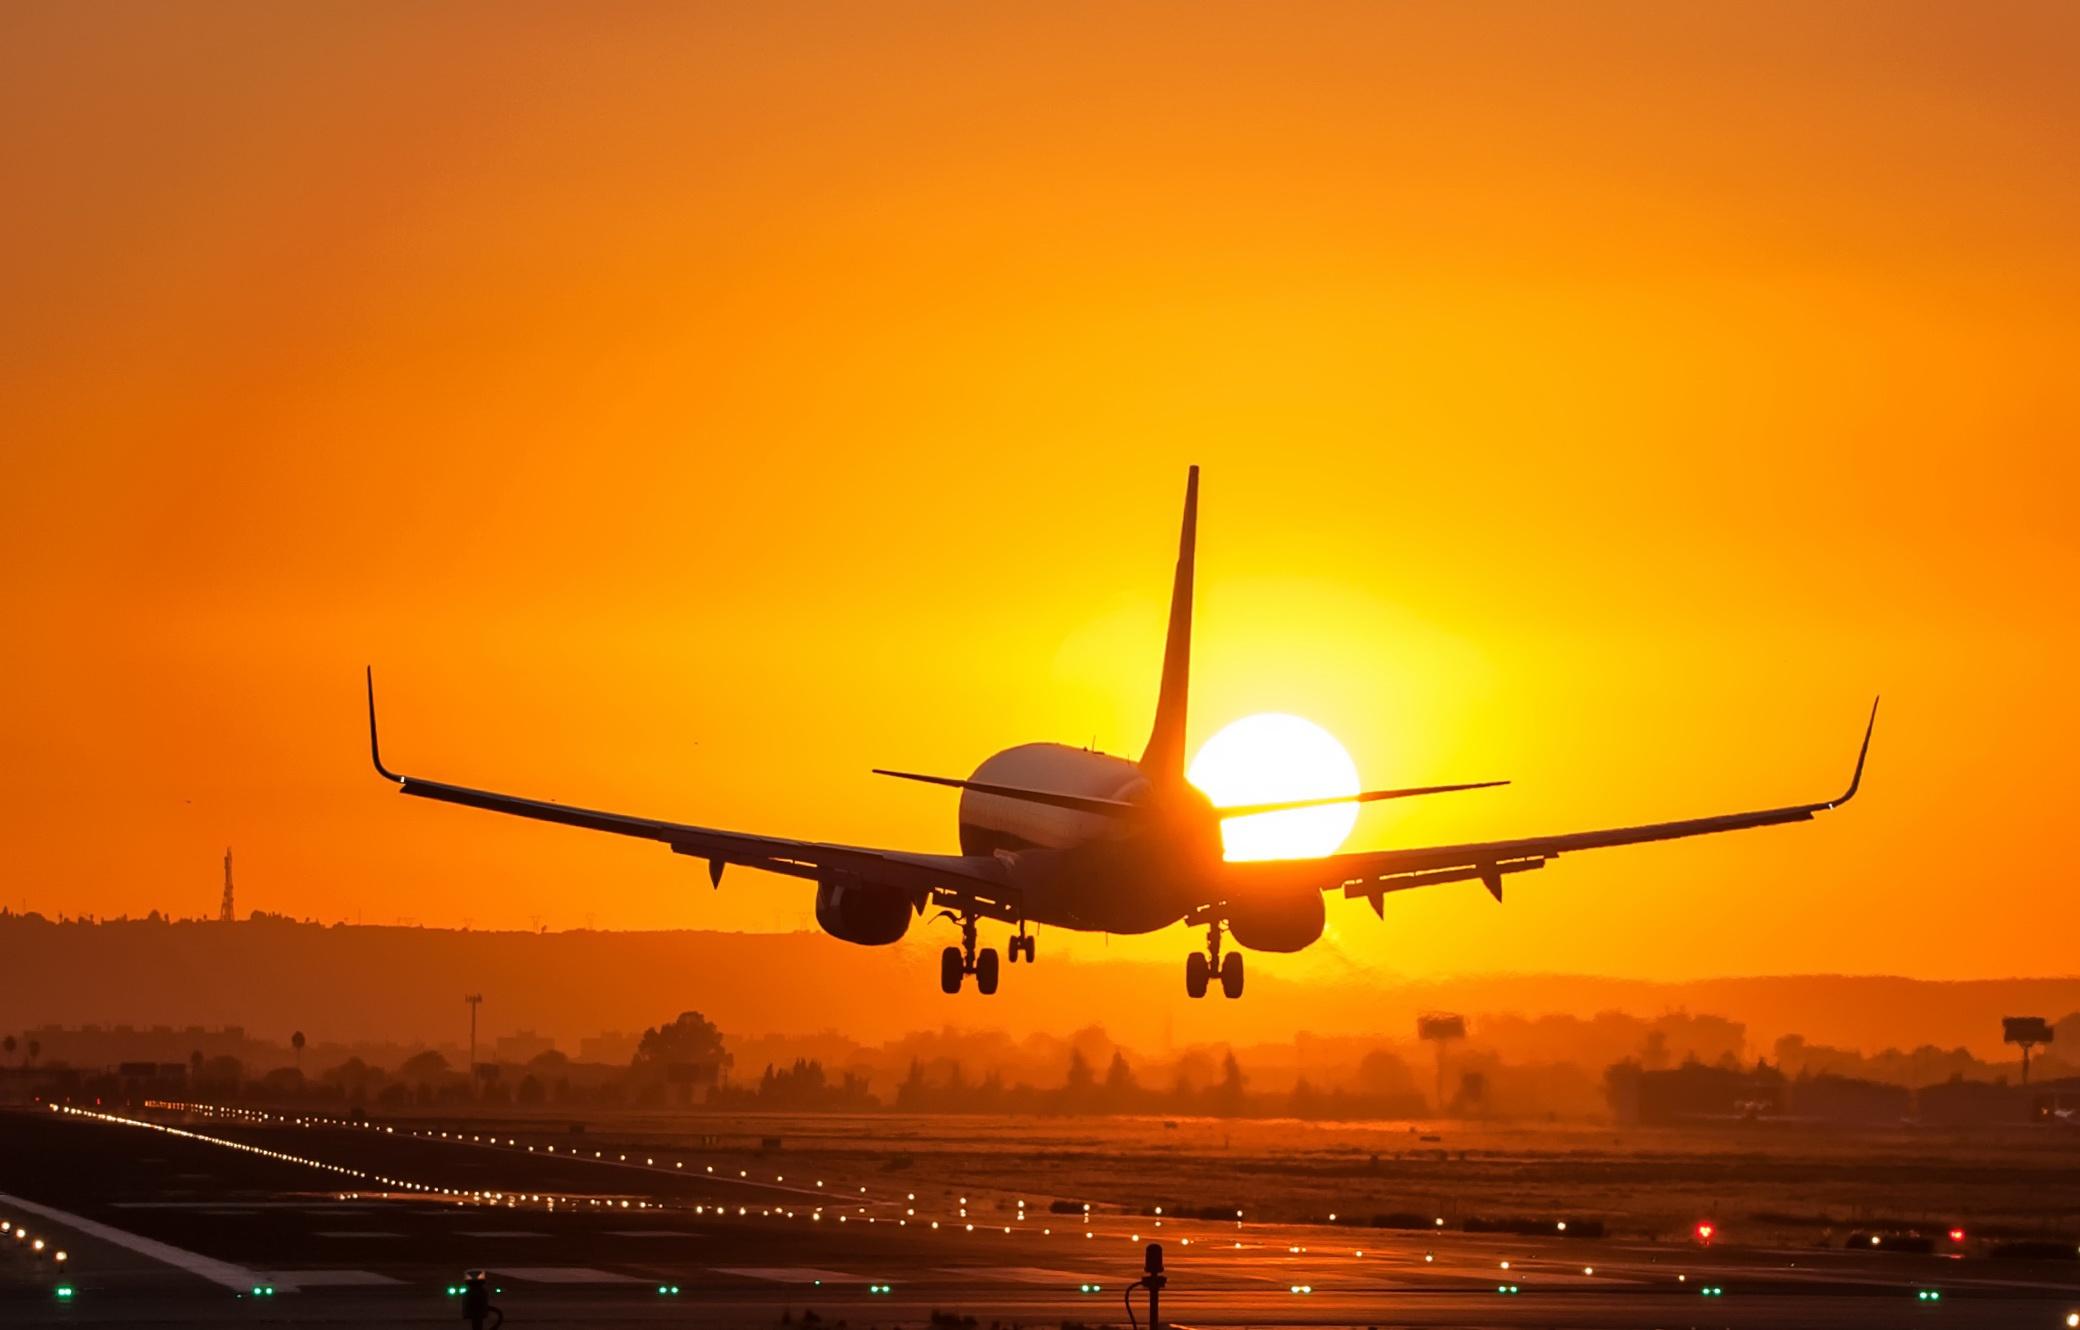 Врезавшийся в дом самолет, его падение или видеть, как он разбивается (упал) в дом, это к болезни, которая появиться внезапно и будет для вас серьезным испытани.